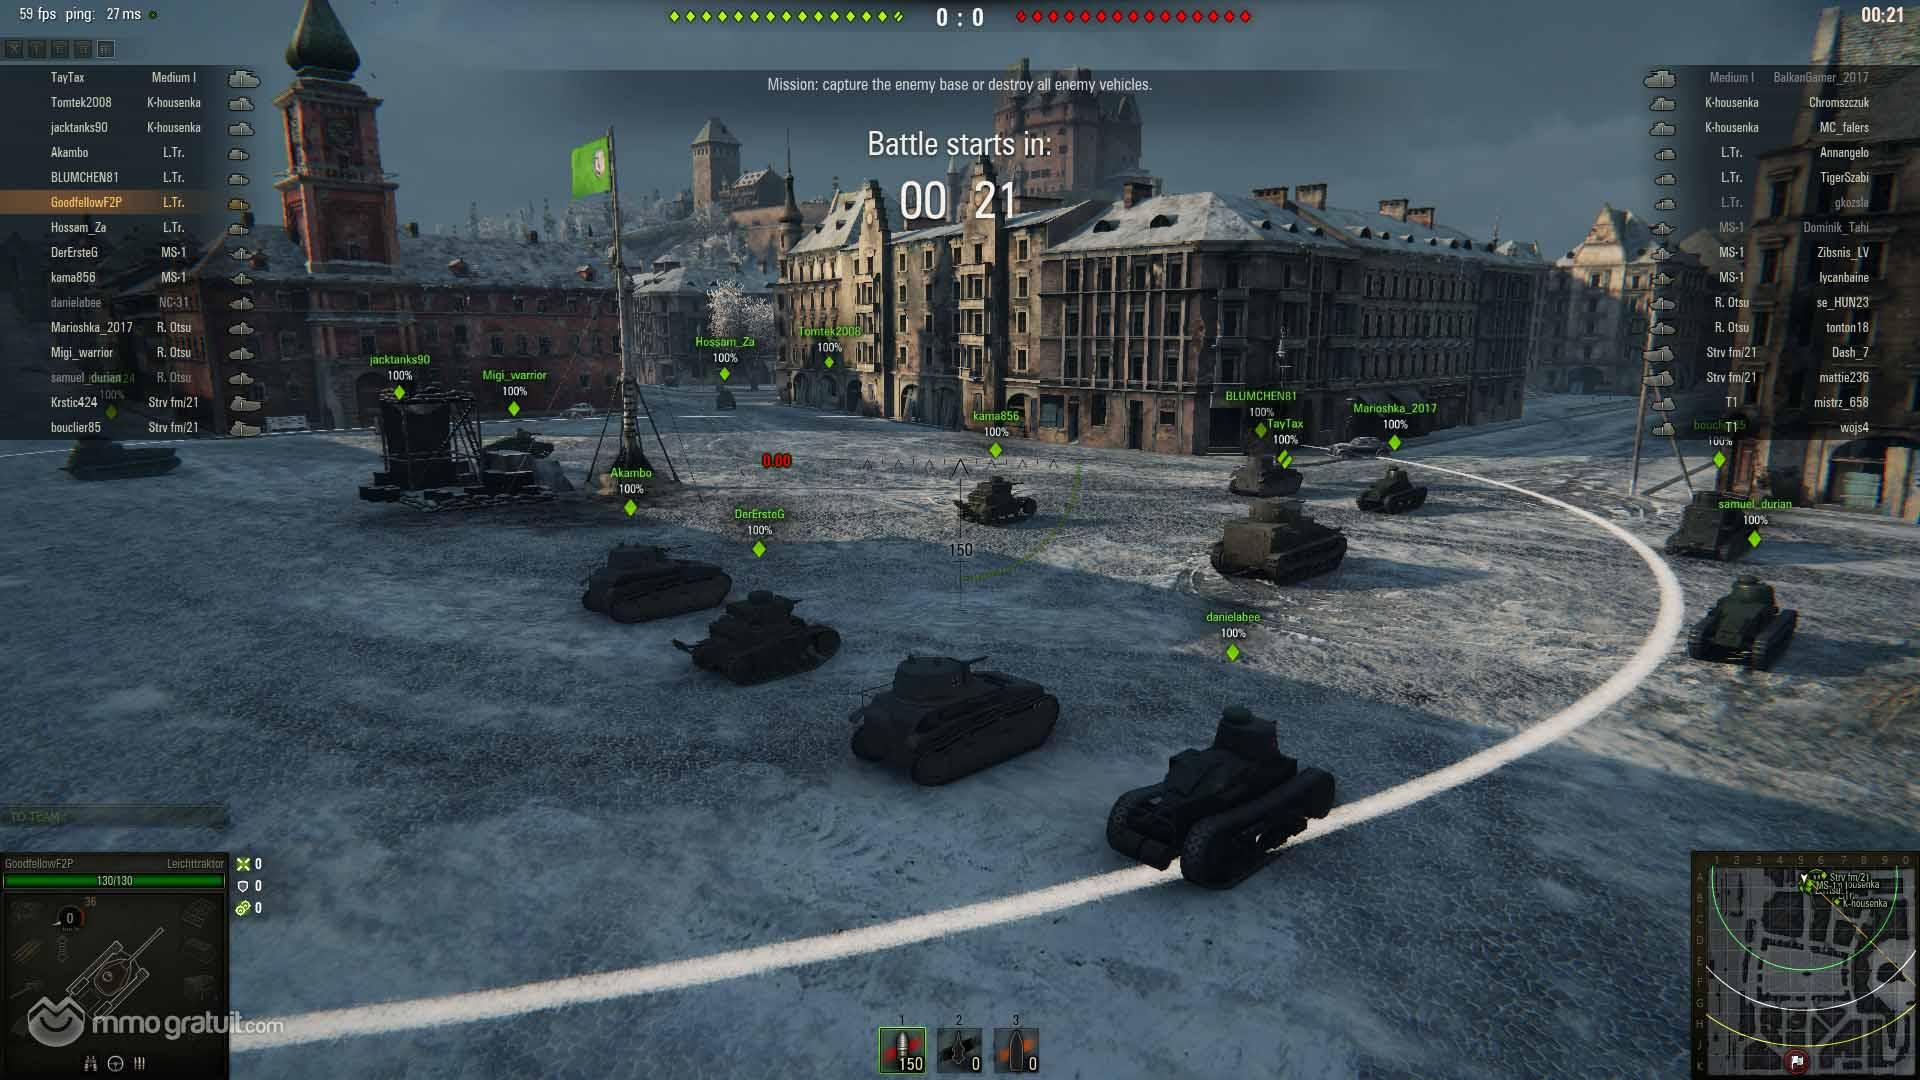 Jeu de stratégie et de combat, World of Tanks vous place dans la carlingue d'un tank. Aux commandes de votre char, vous affrontez des joueurs dans des parties en 15 contre 15 quelque peu ...